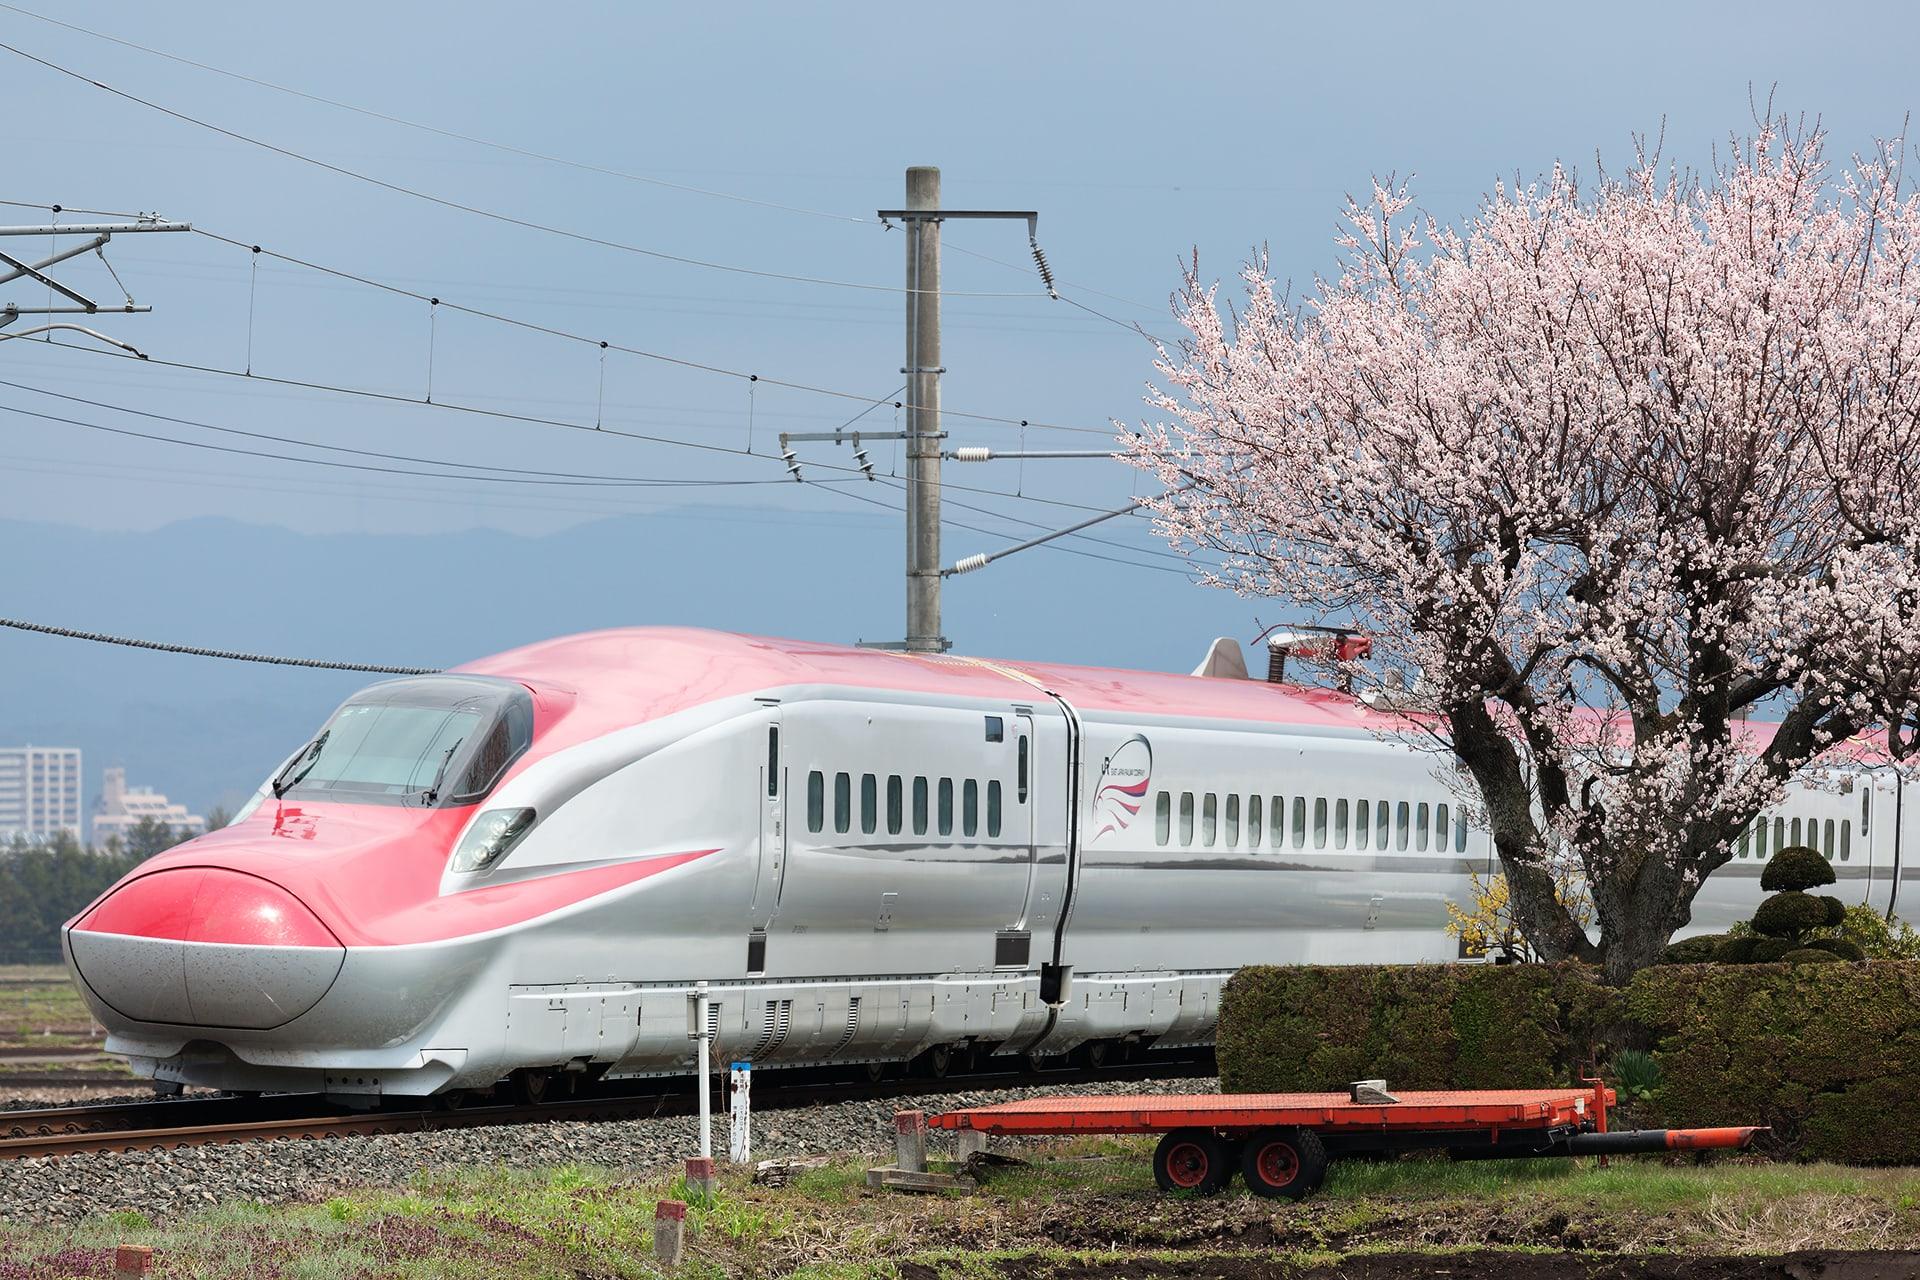 盛岡の桜と新幹線 - 一瞬に永遠が刻まれて